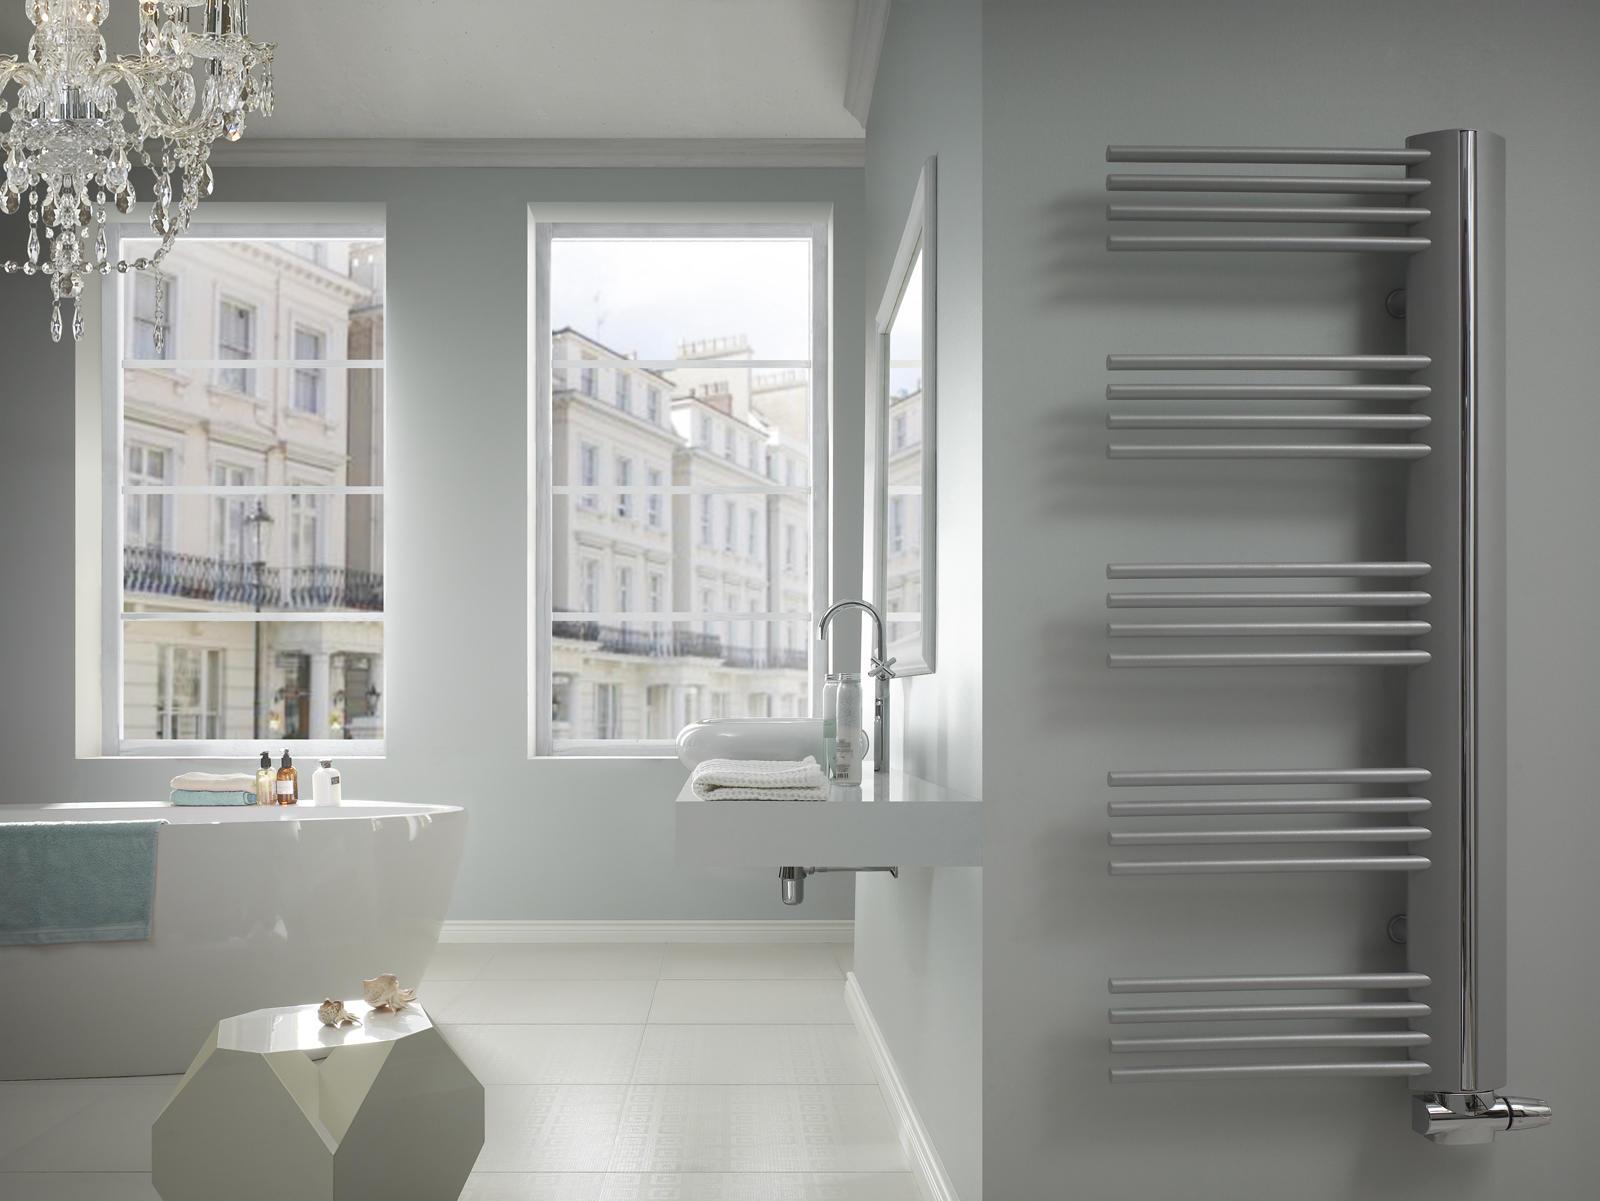 Grzejniki do łazienki, salonu i holu